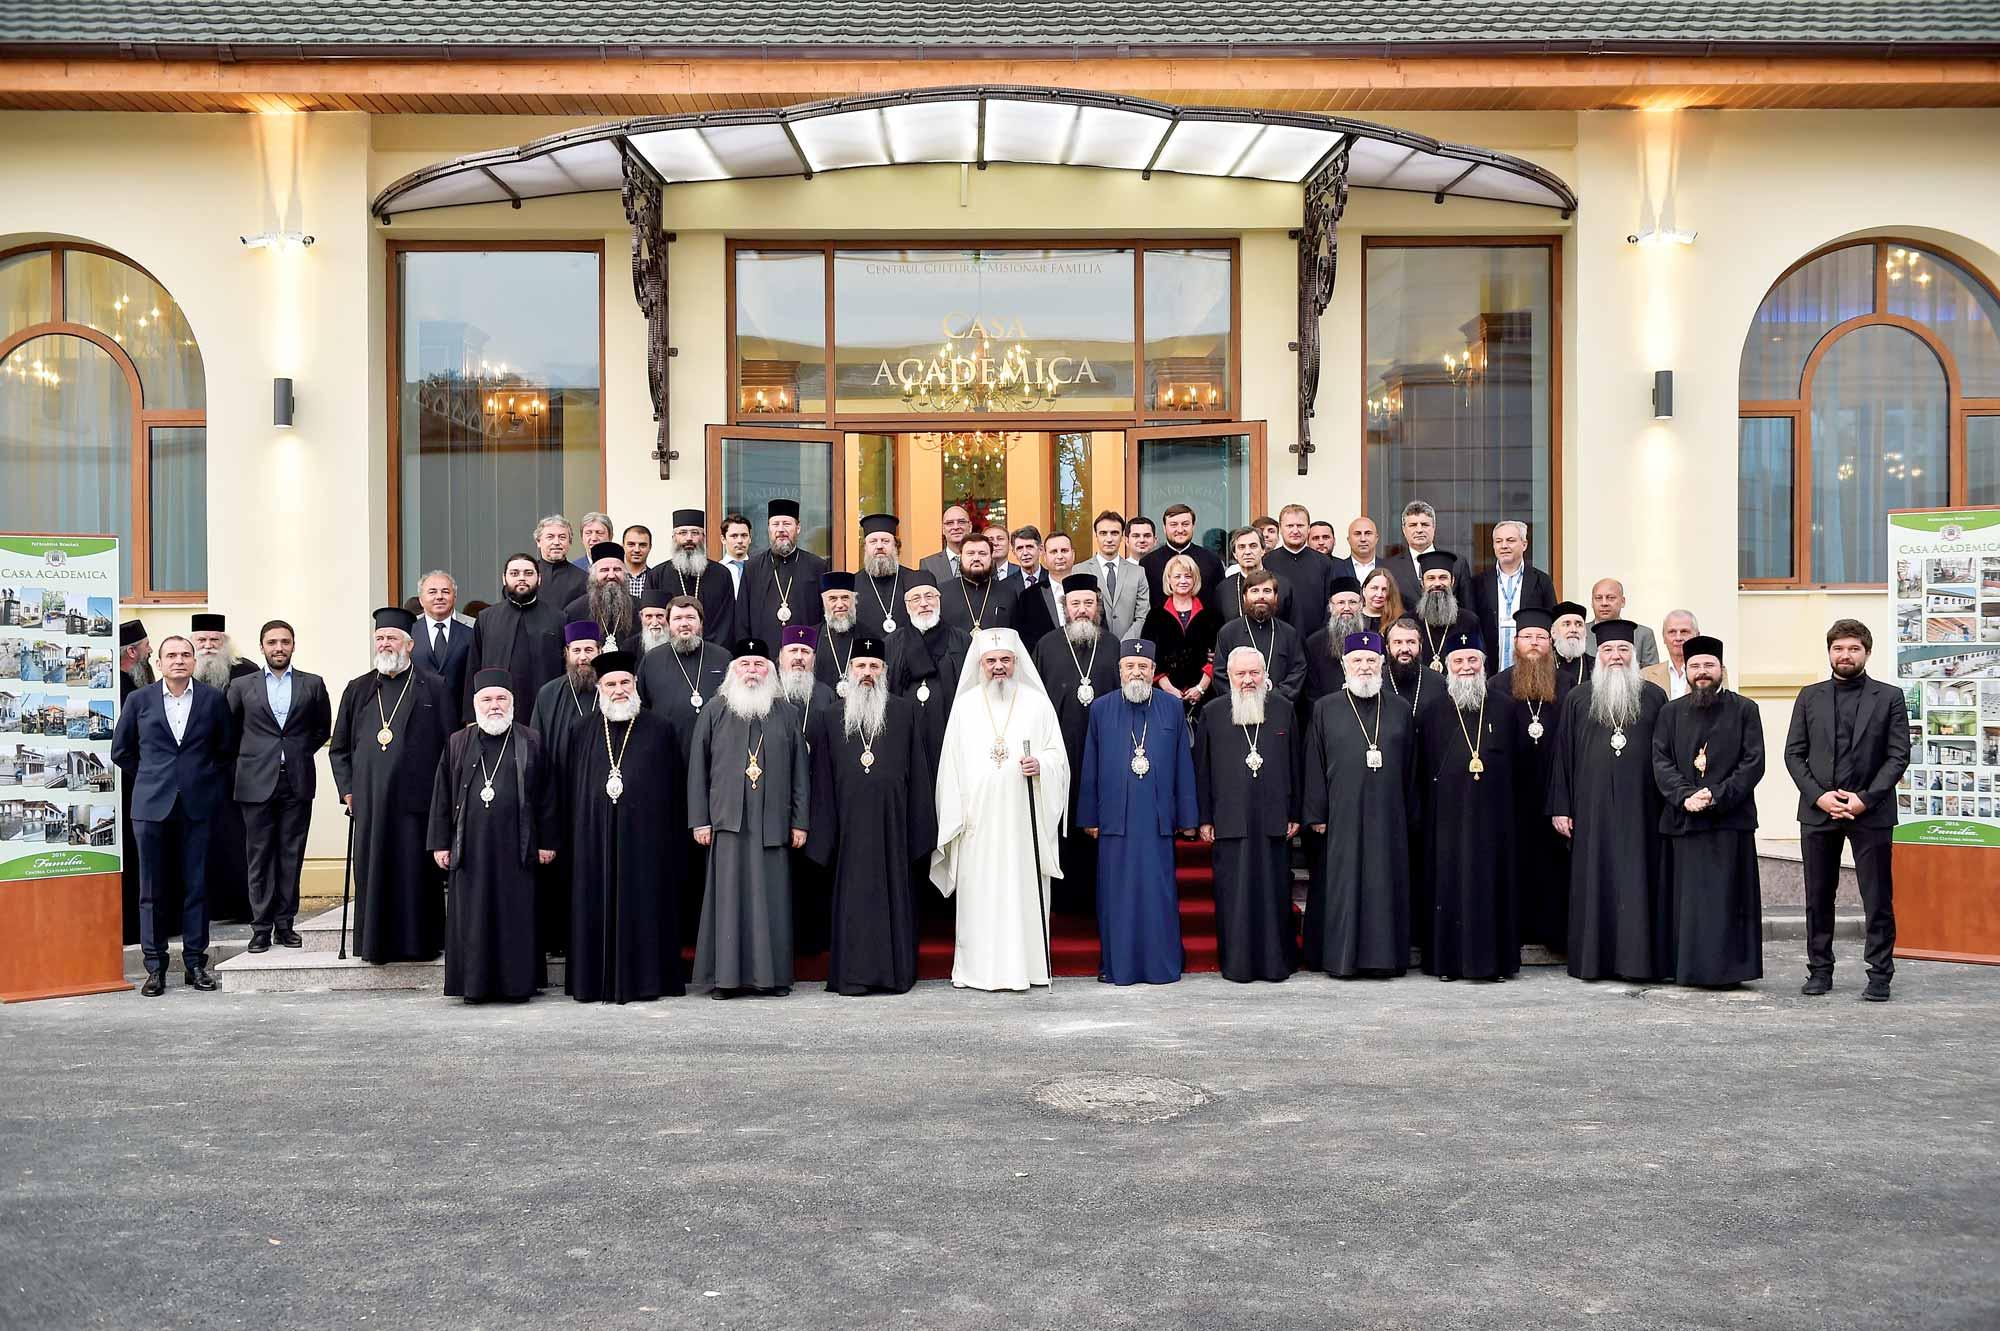 Să nu despărţim Liturghia de filantropie şi filantropia de Liturghie / Liturgy should not be detached  from Philanthropy, nor Philanthropy from Liturgy